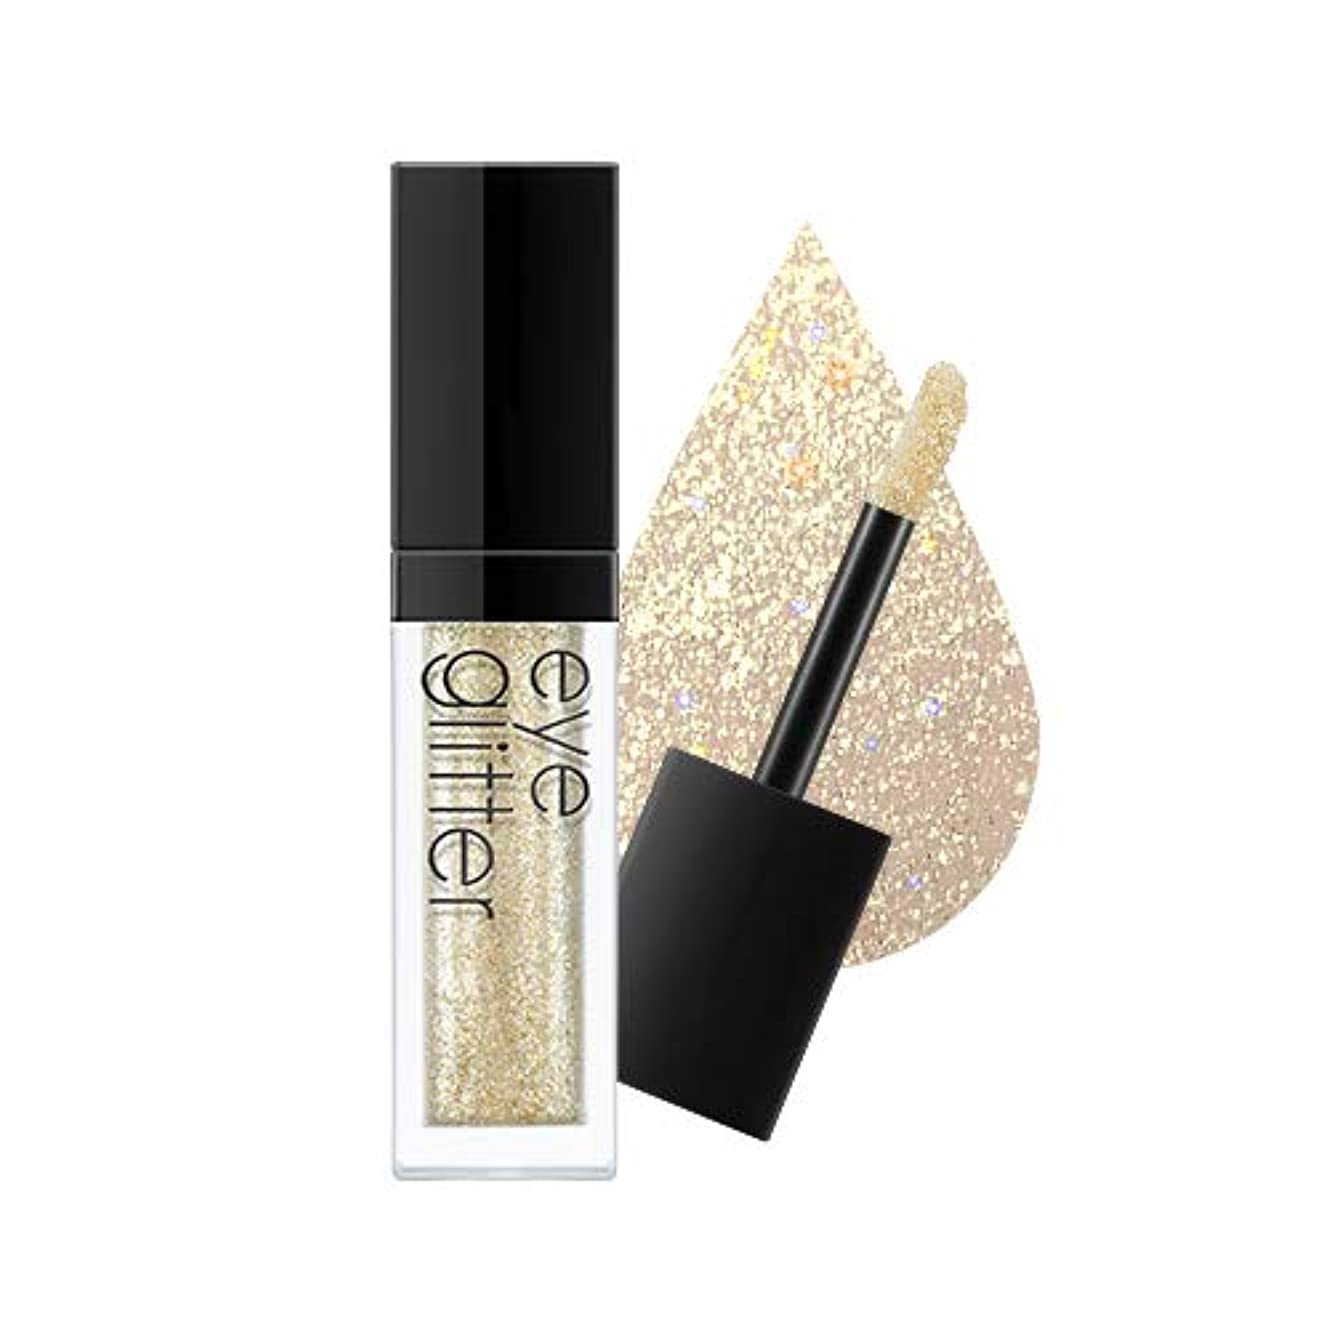 思慮のない転用アクチュエータAPIEU Eye Glitter (No.11 Gold Sequin) / アピュ アイグリッター [並行輸入品]